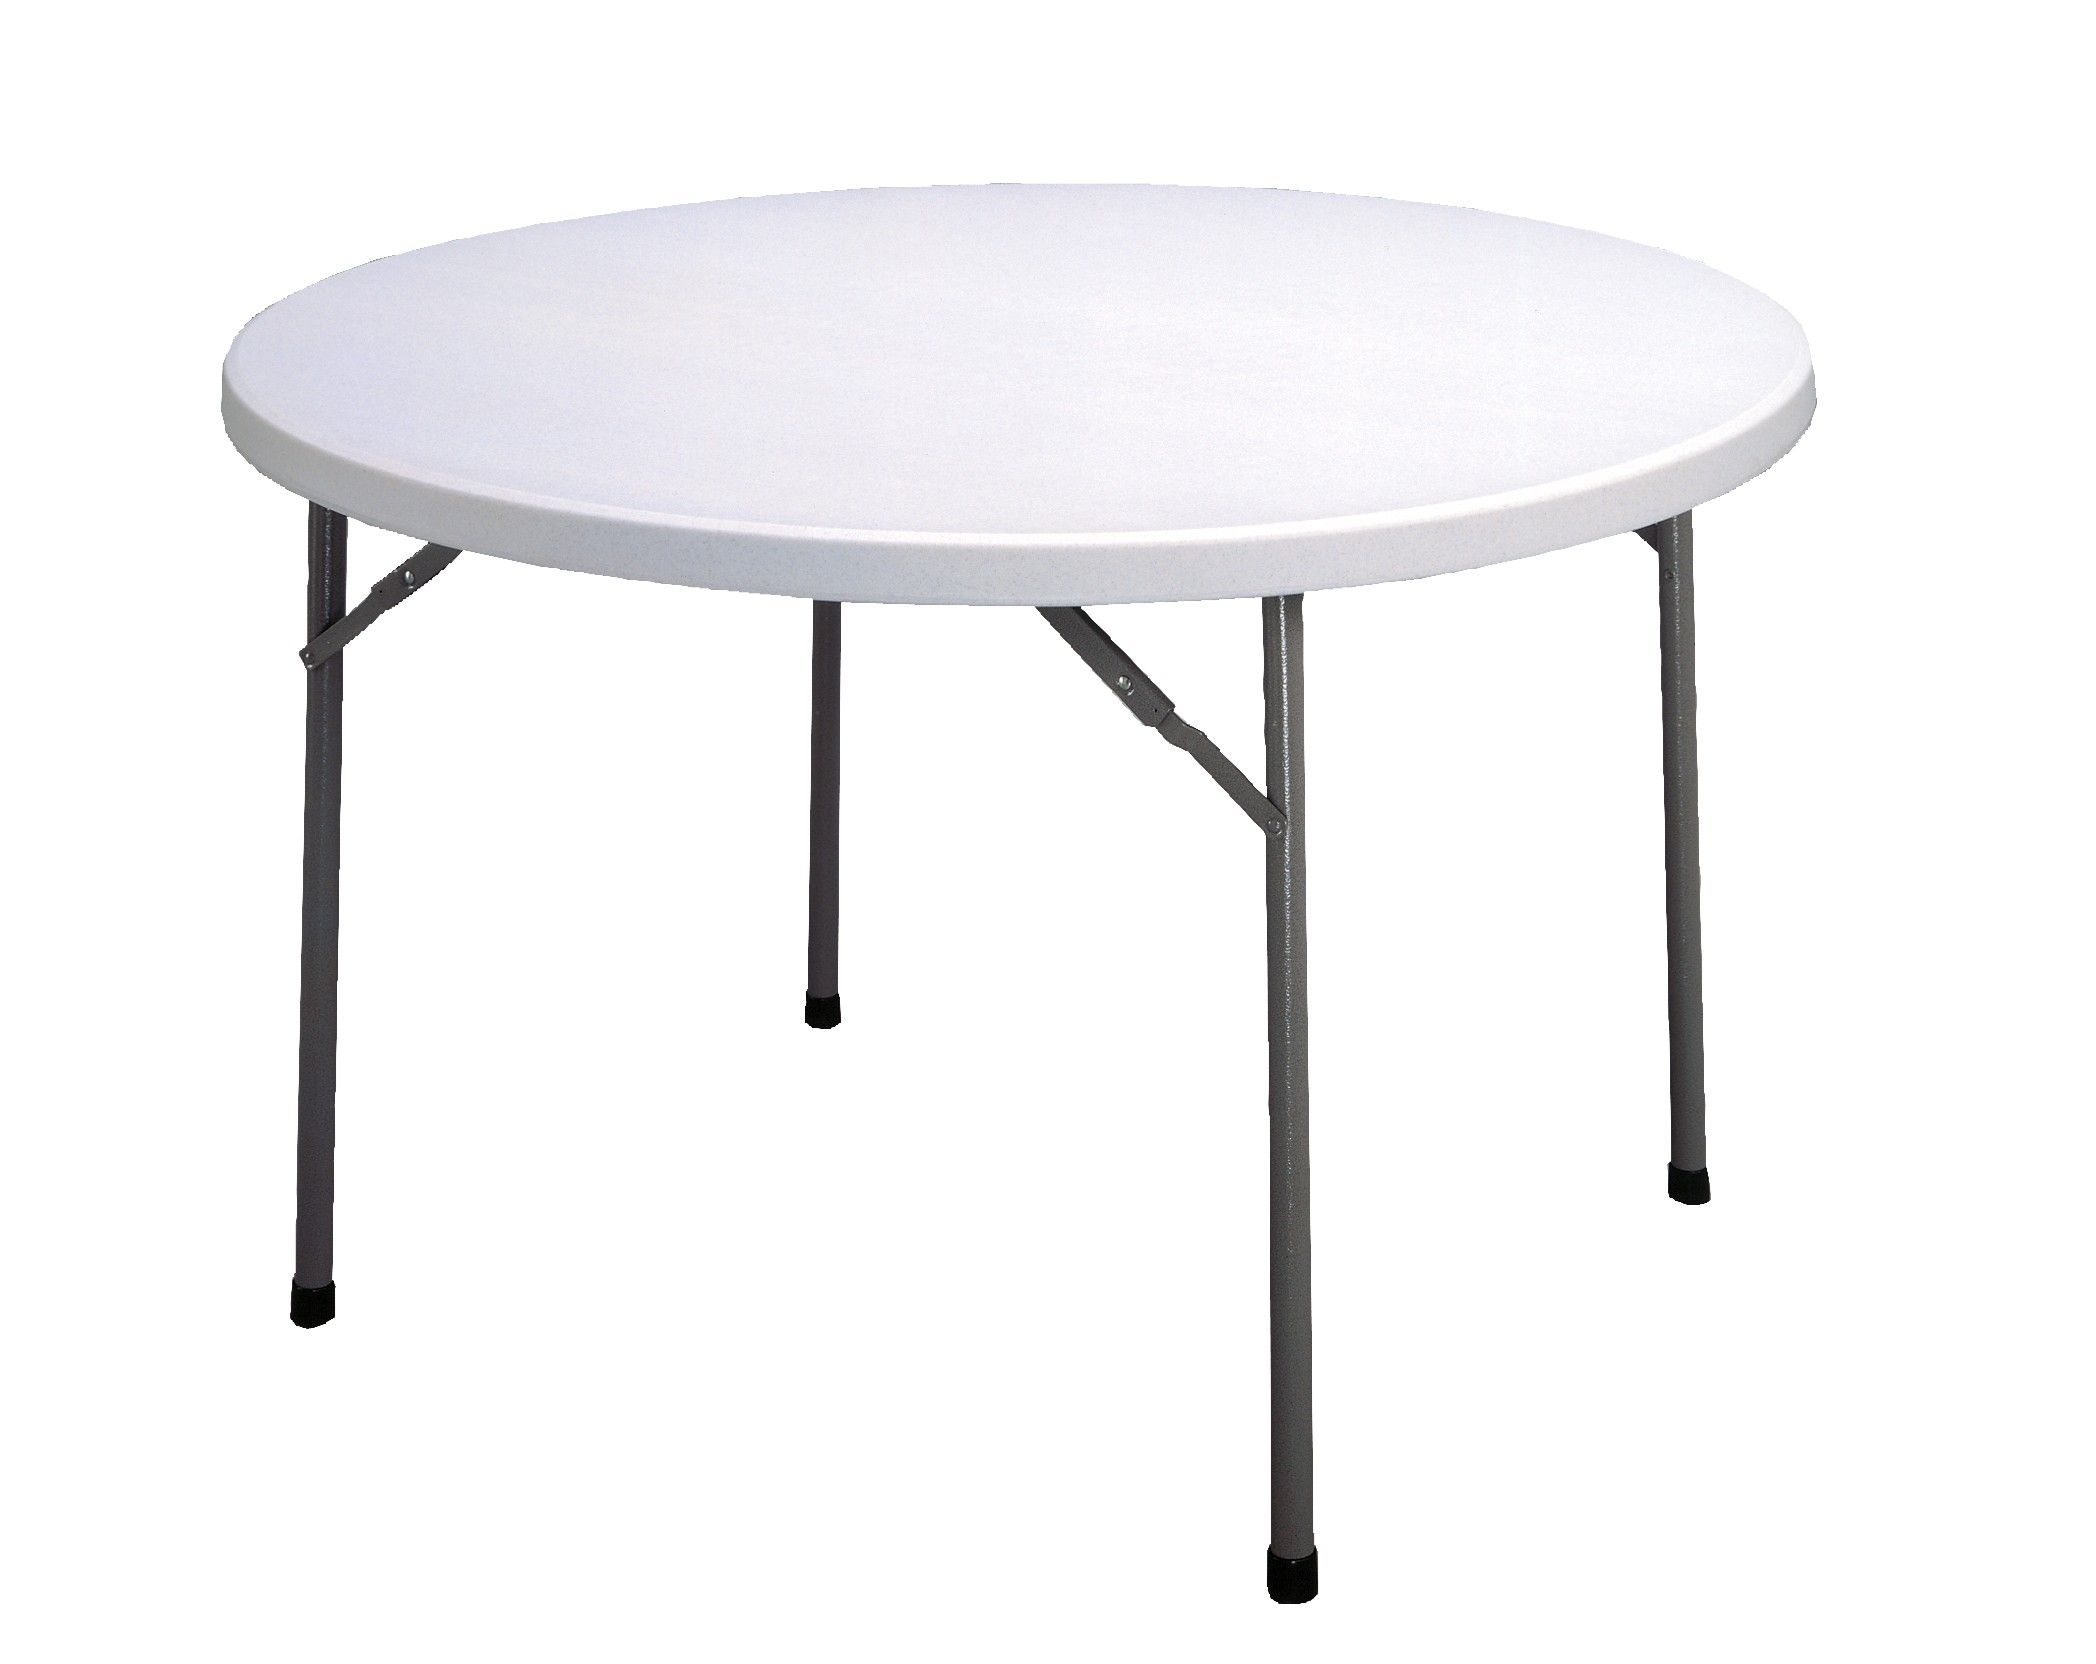 Staples Folding Card Table Httpbrutabolincom Pinterest - Staples round table